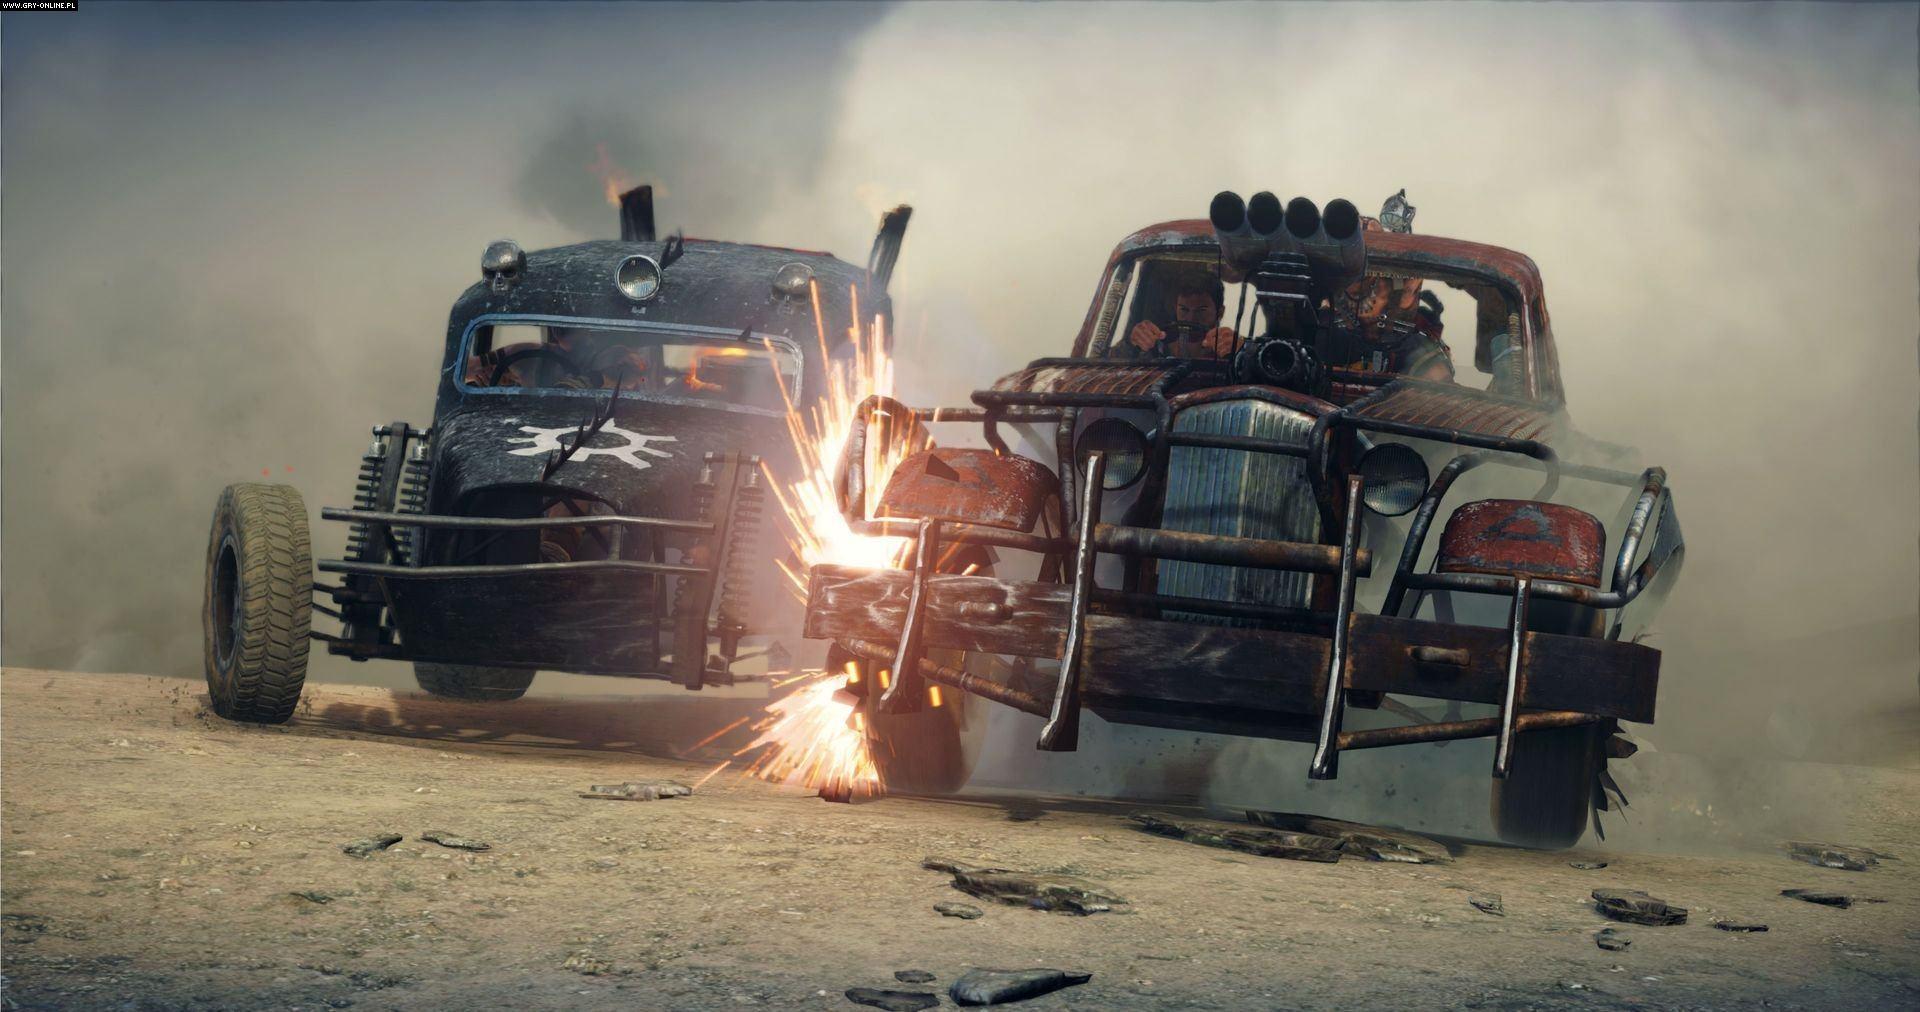 Mad Max image #8